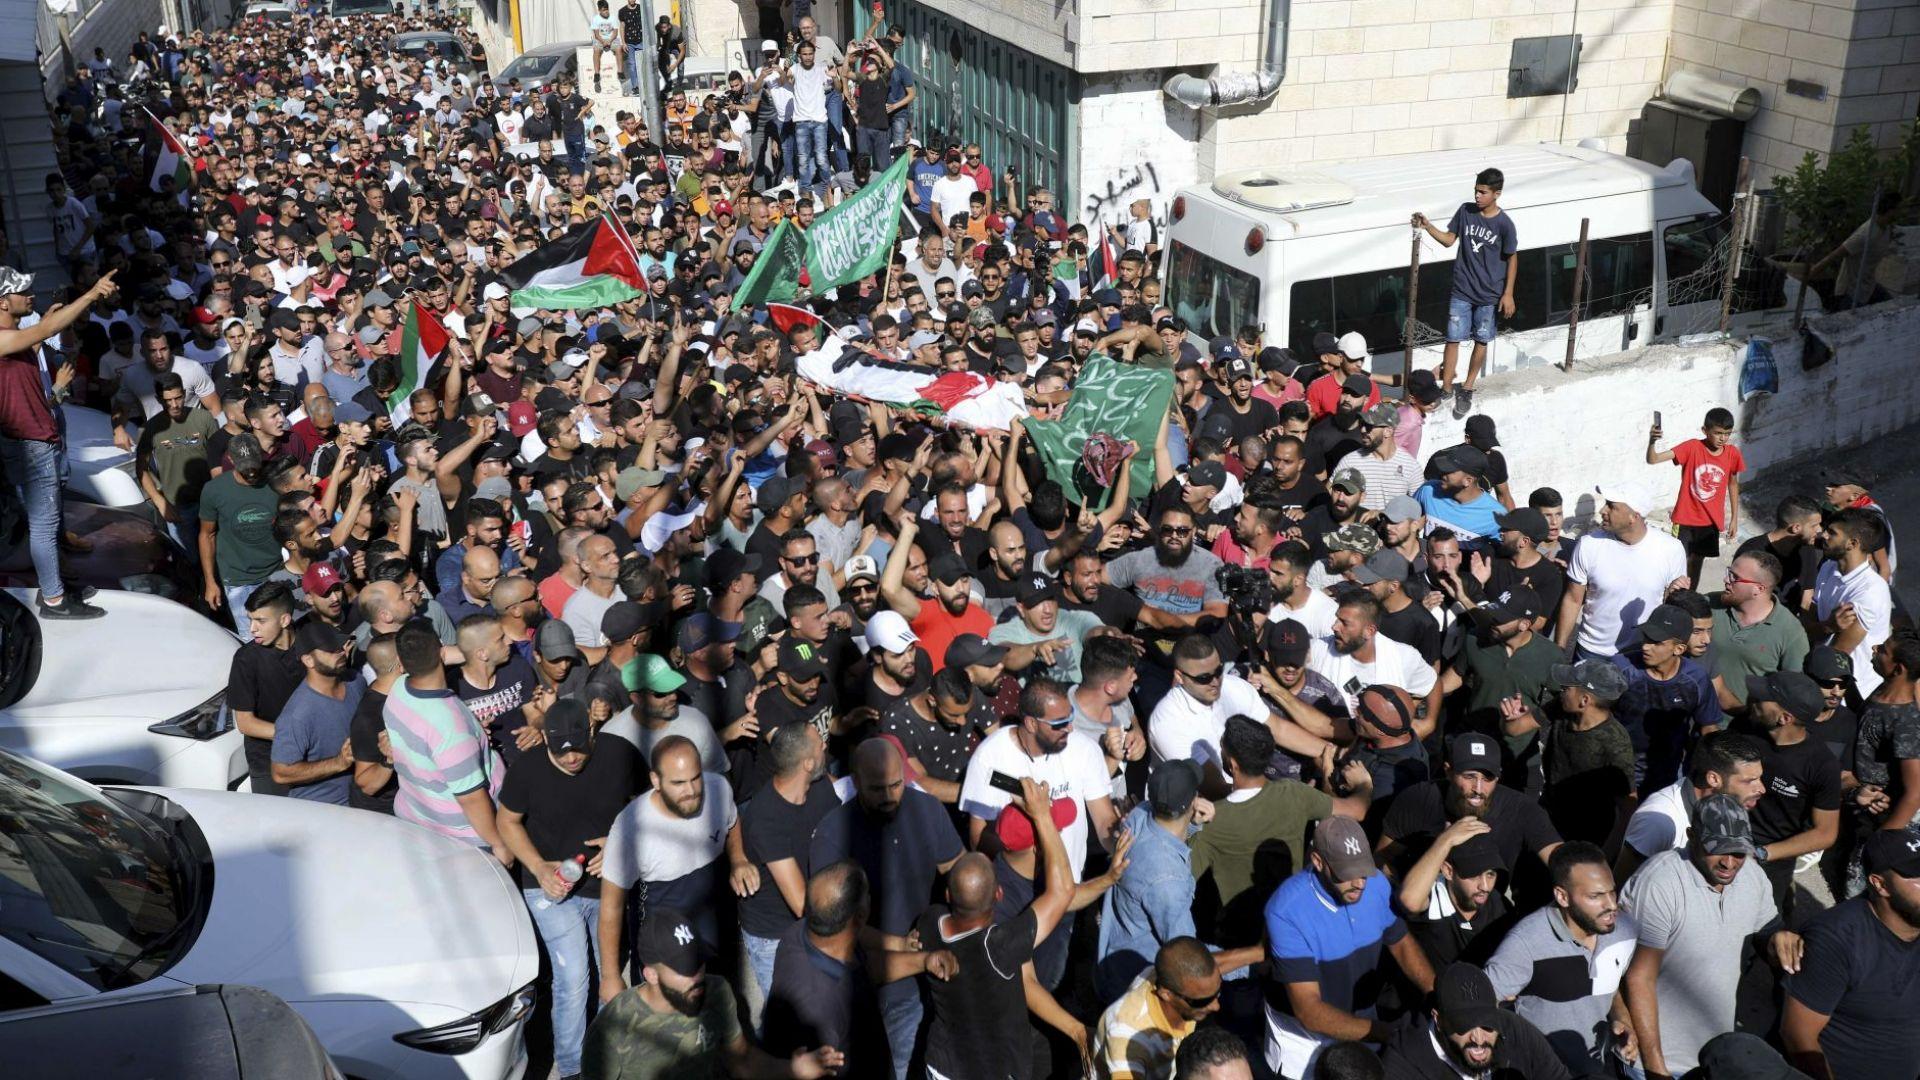 Близо 150 ранени след протест, предизвикан от убийство на младеж в Израел